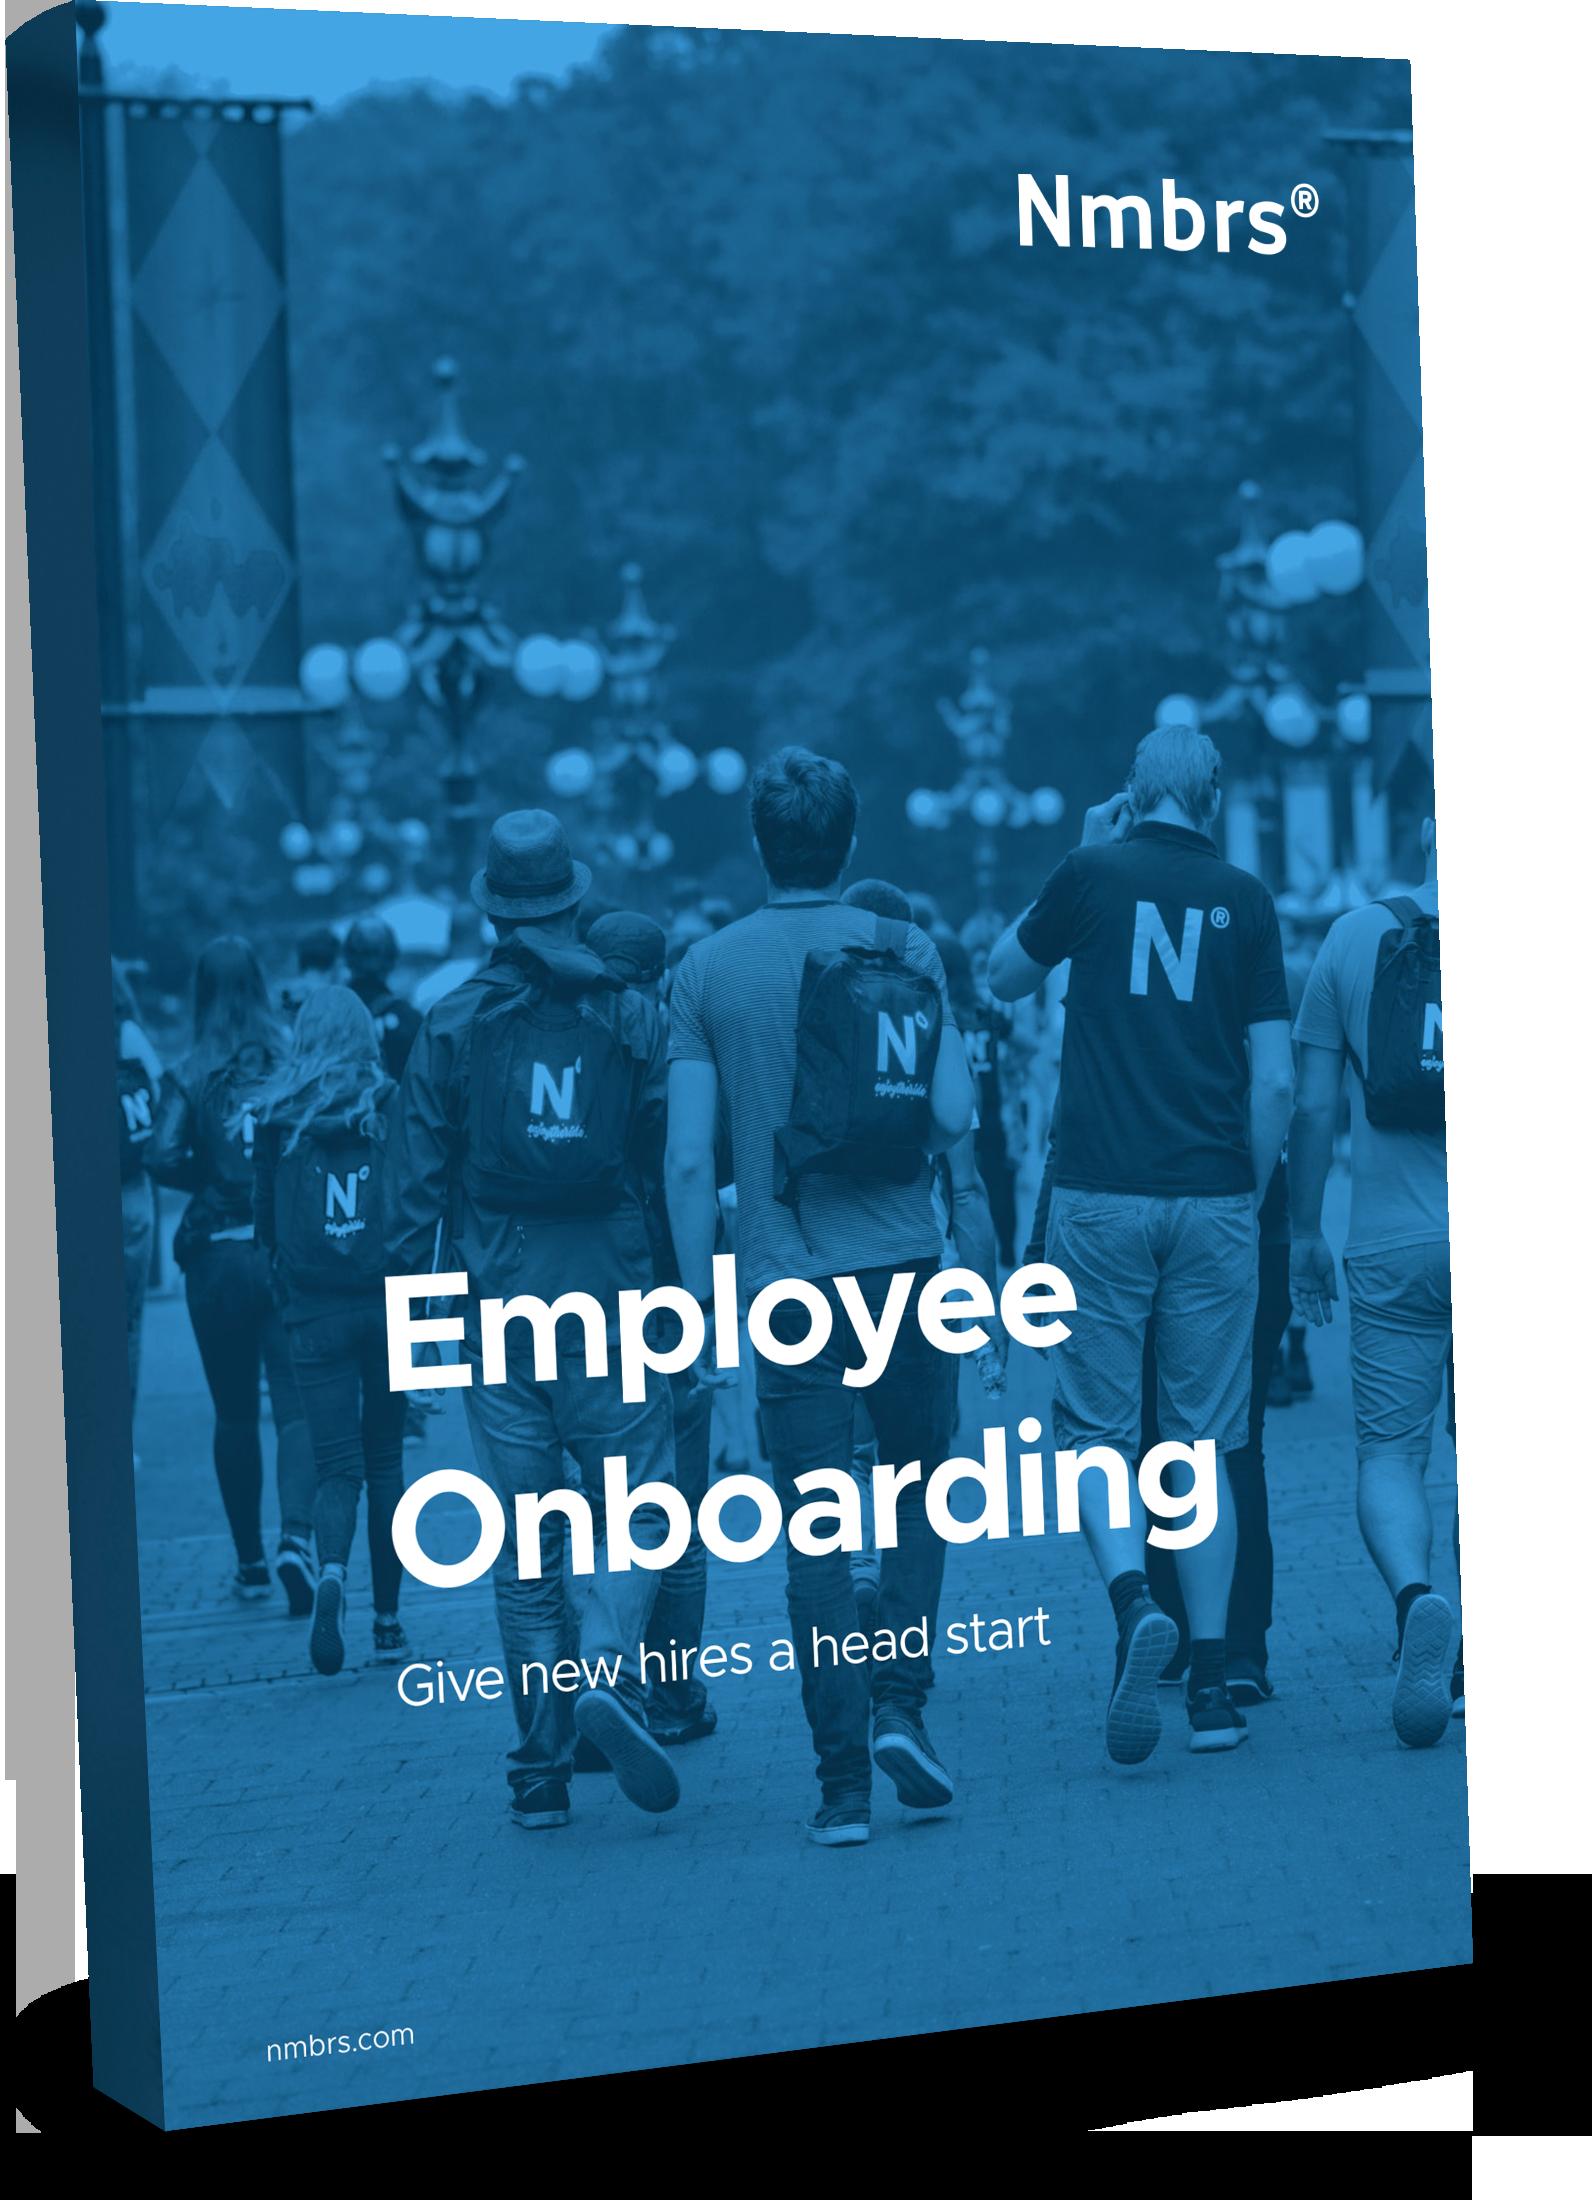 whitepaper-Nmbrs-employee-branding-EN-2019